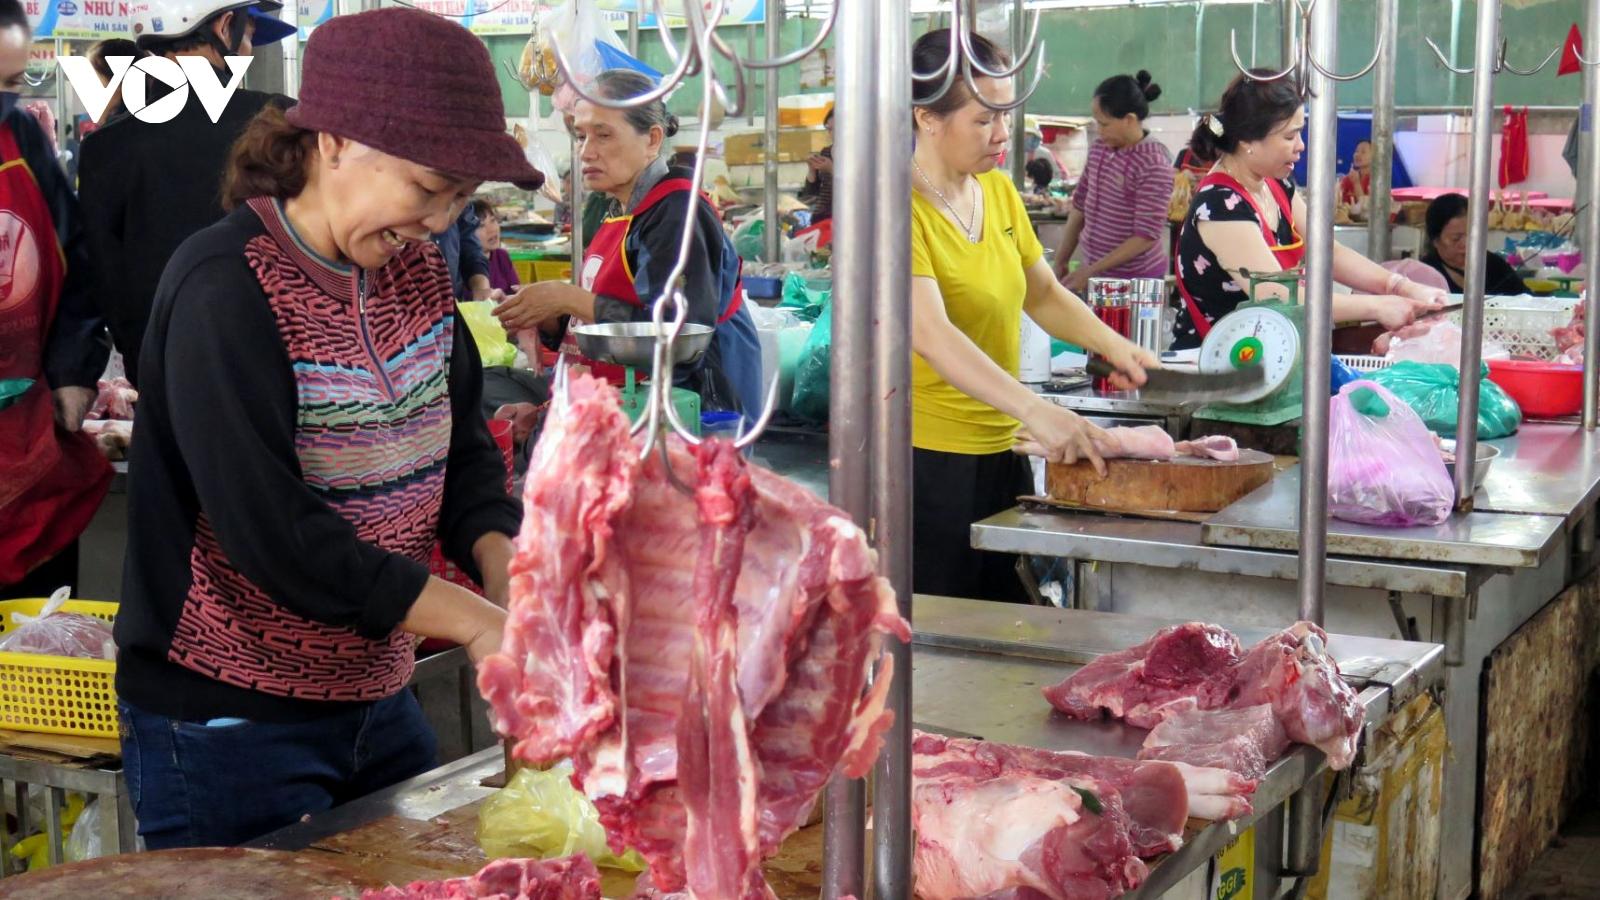 Vì sao giá lợn hơi giảm nhưng người tiêu dùng vẫn phải mua thịt lợn giá cao?